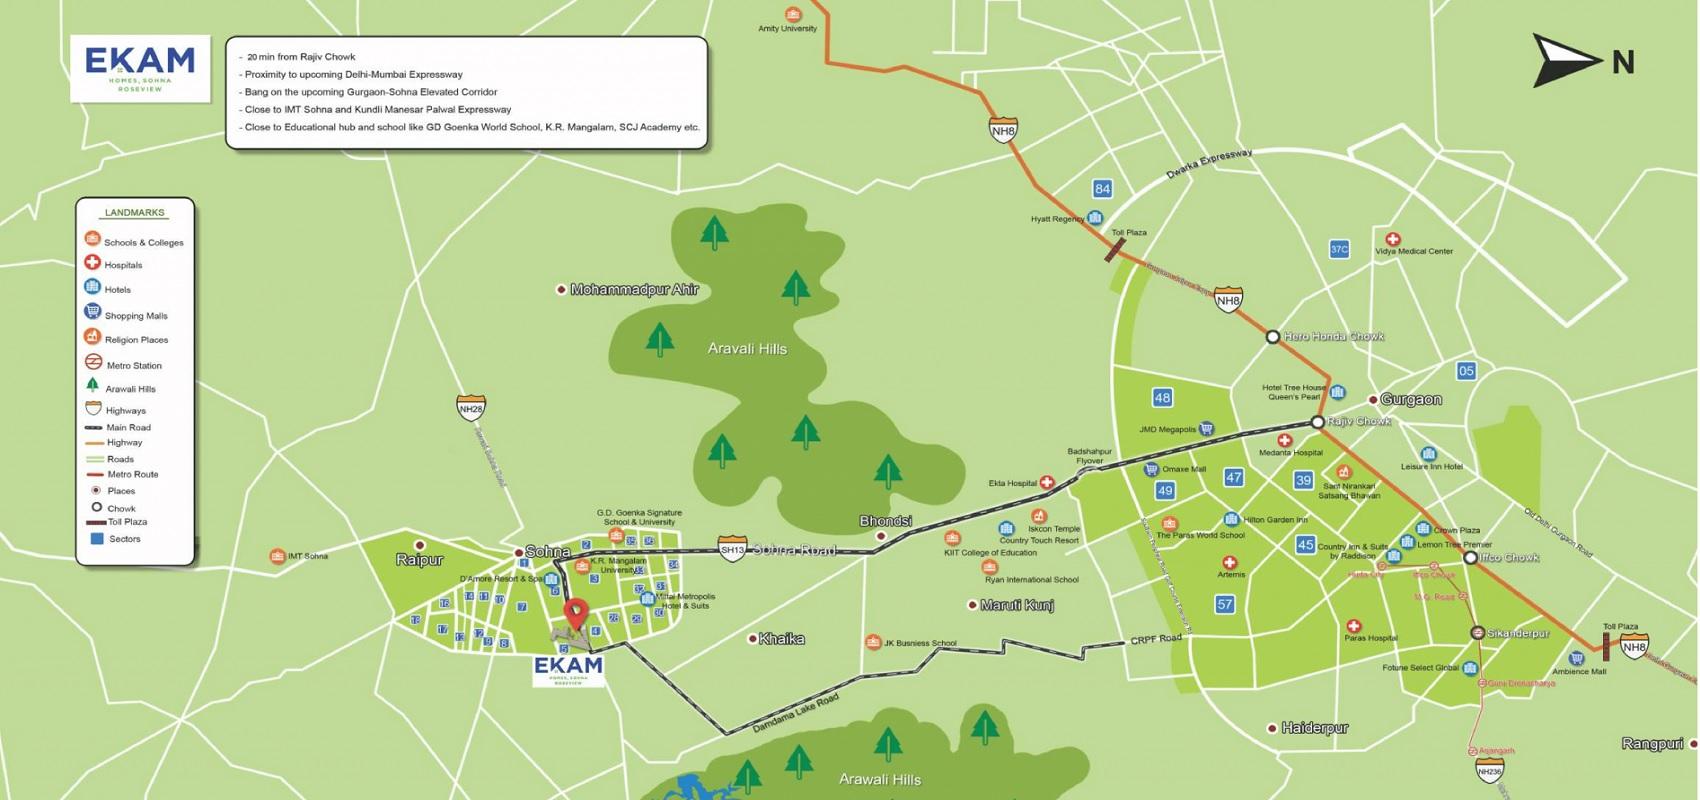 paras ekam homes project location image1